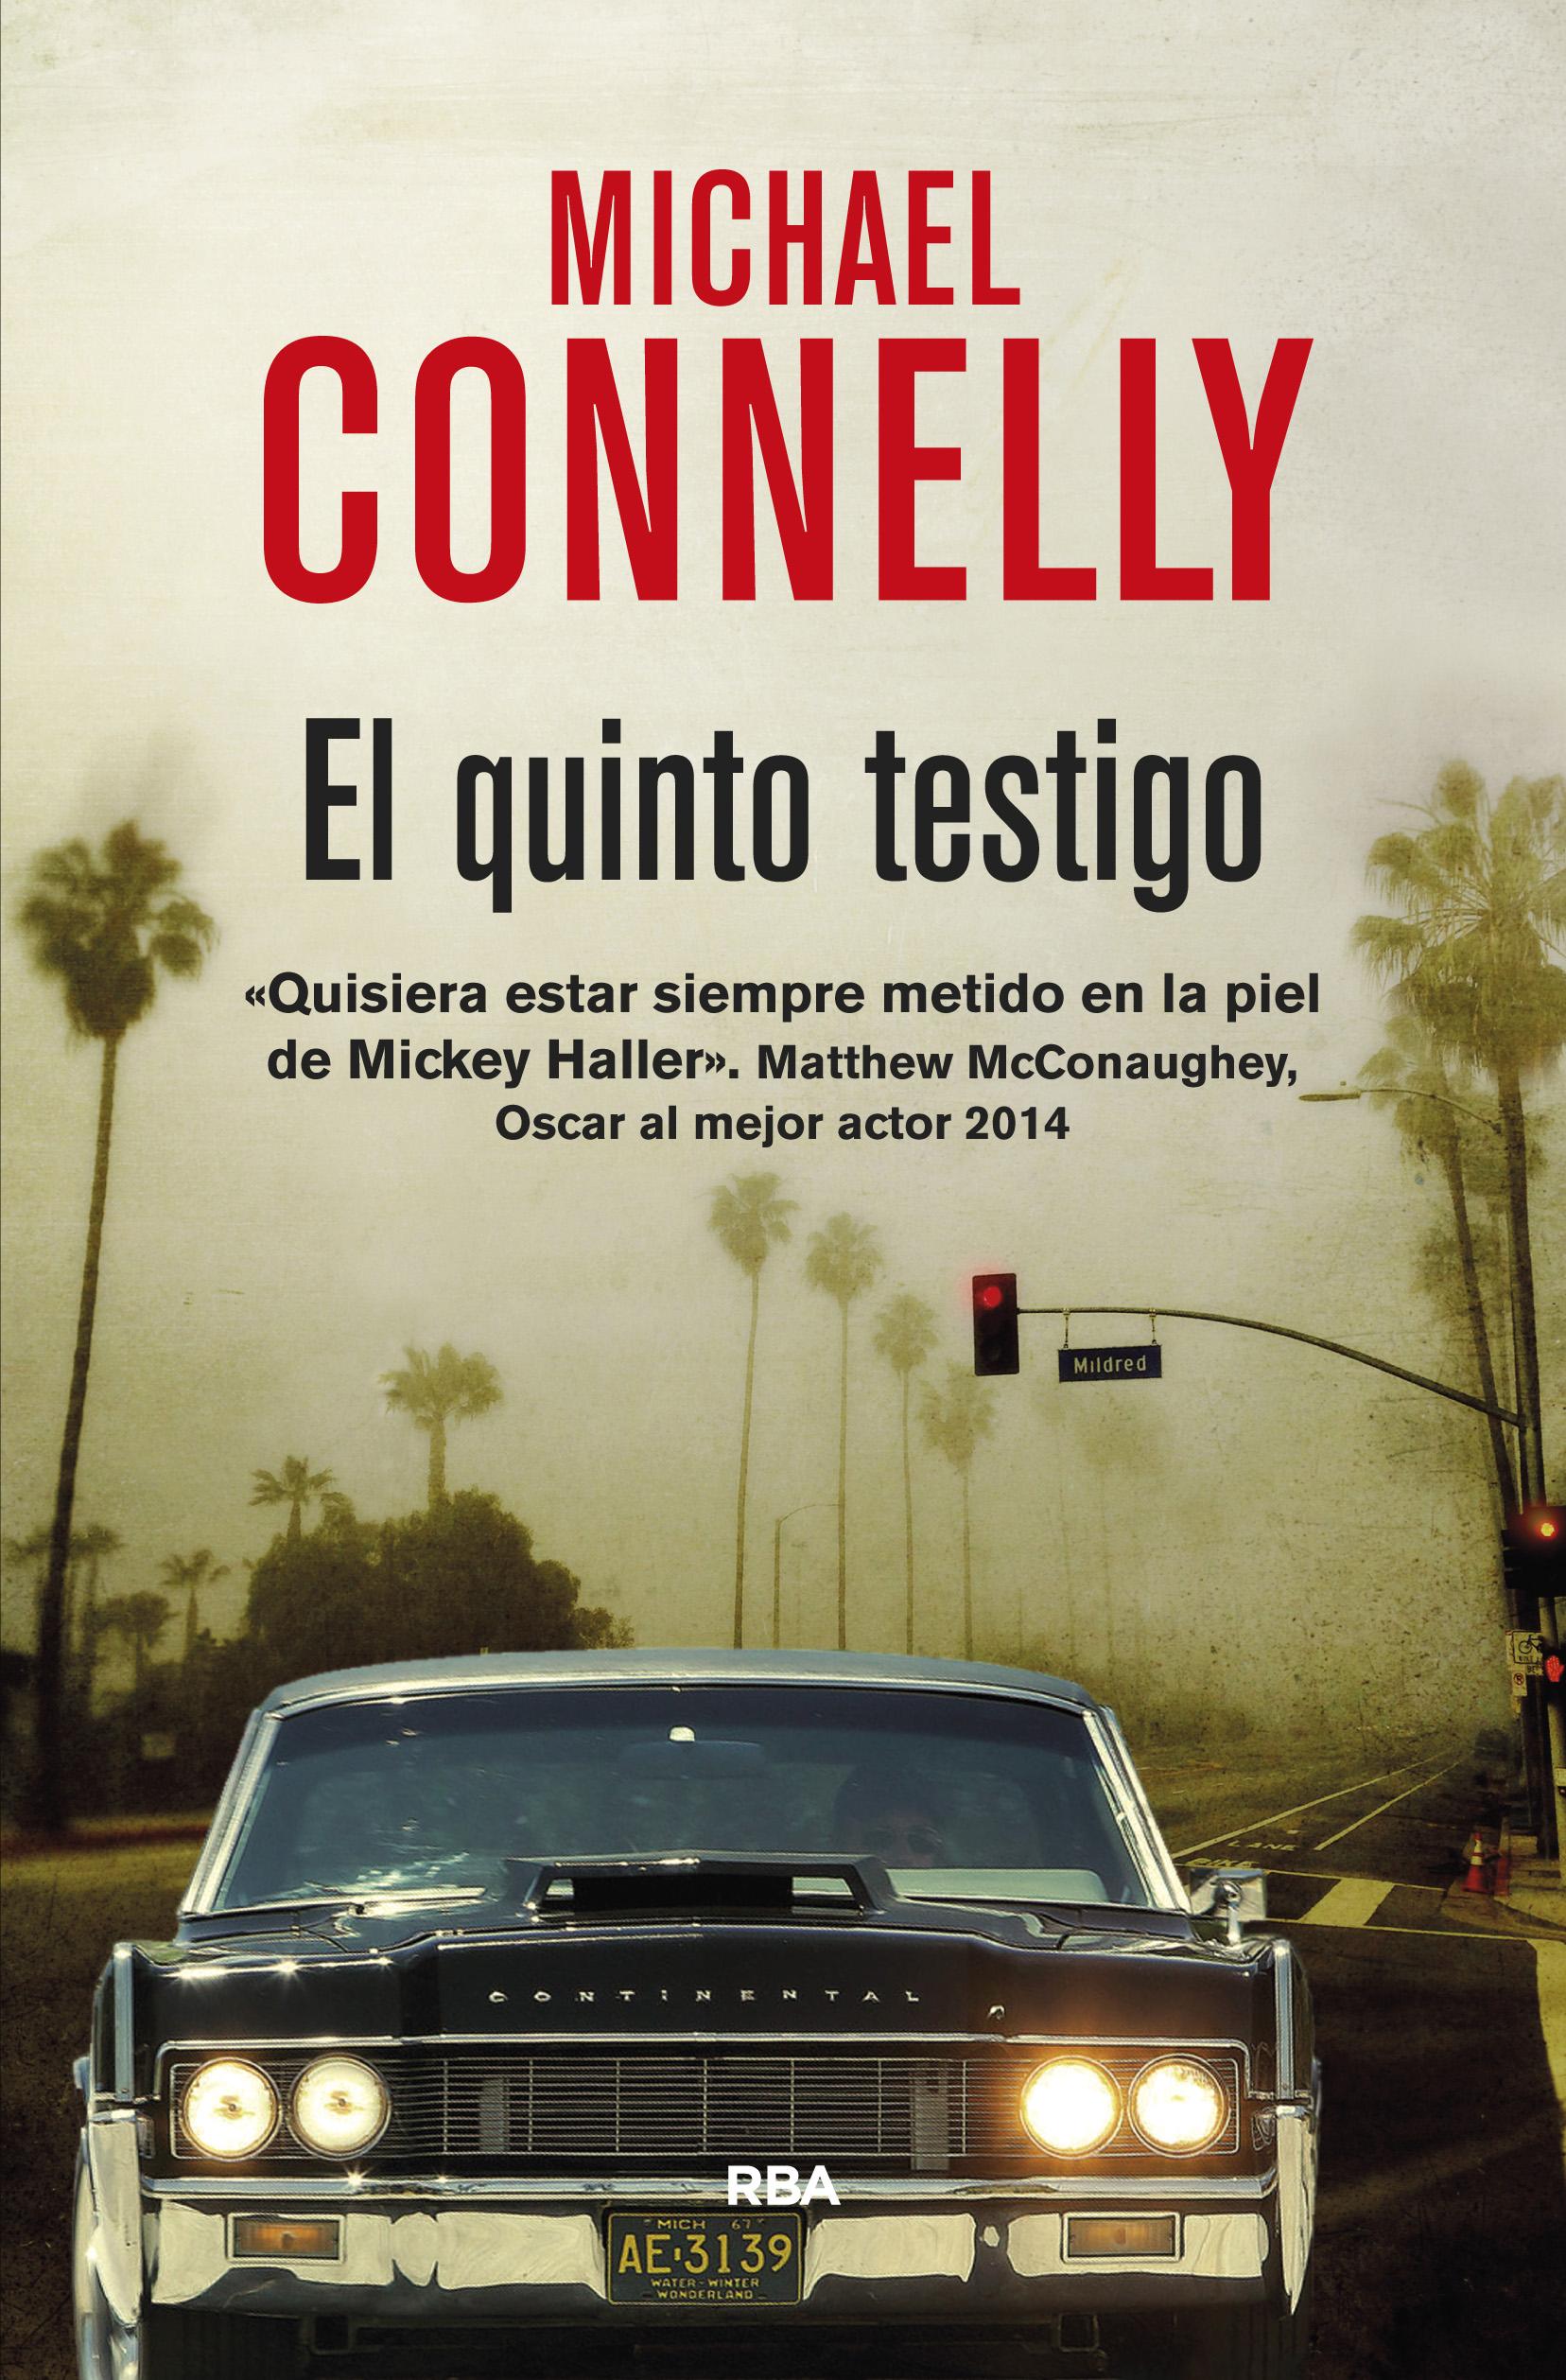 El quinto testigo - Michael Connelly Portada